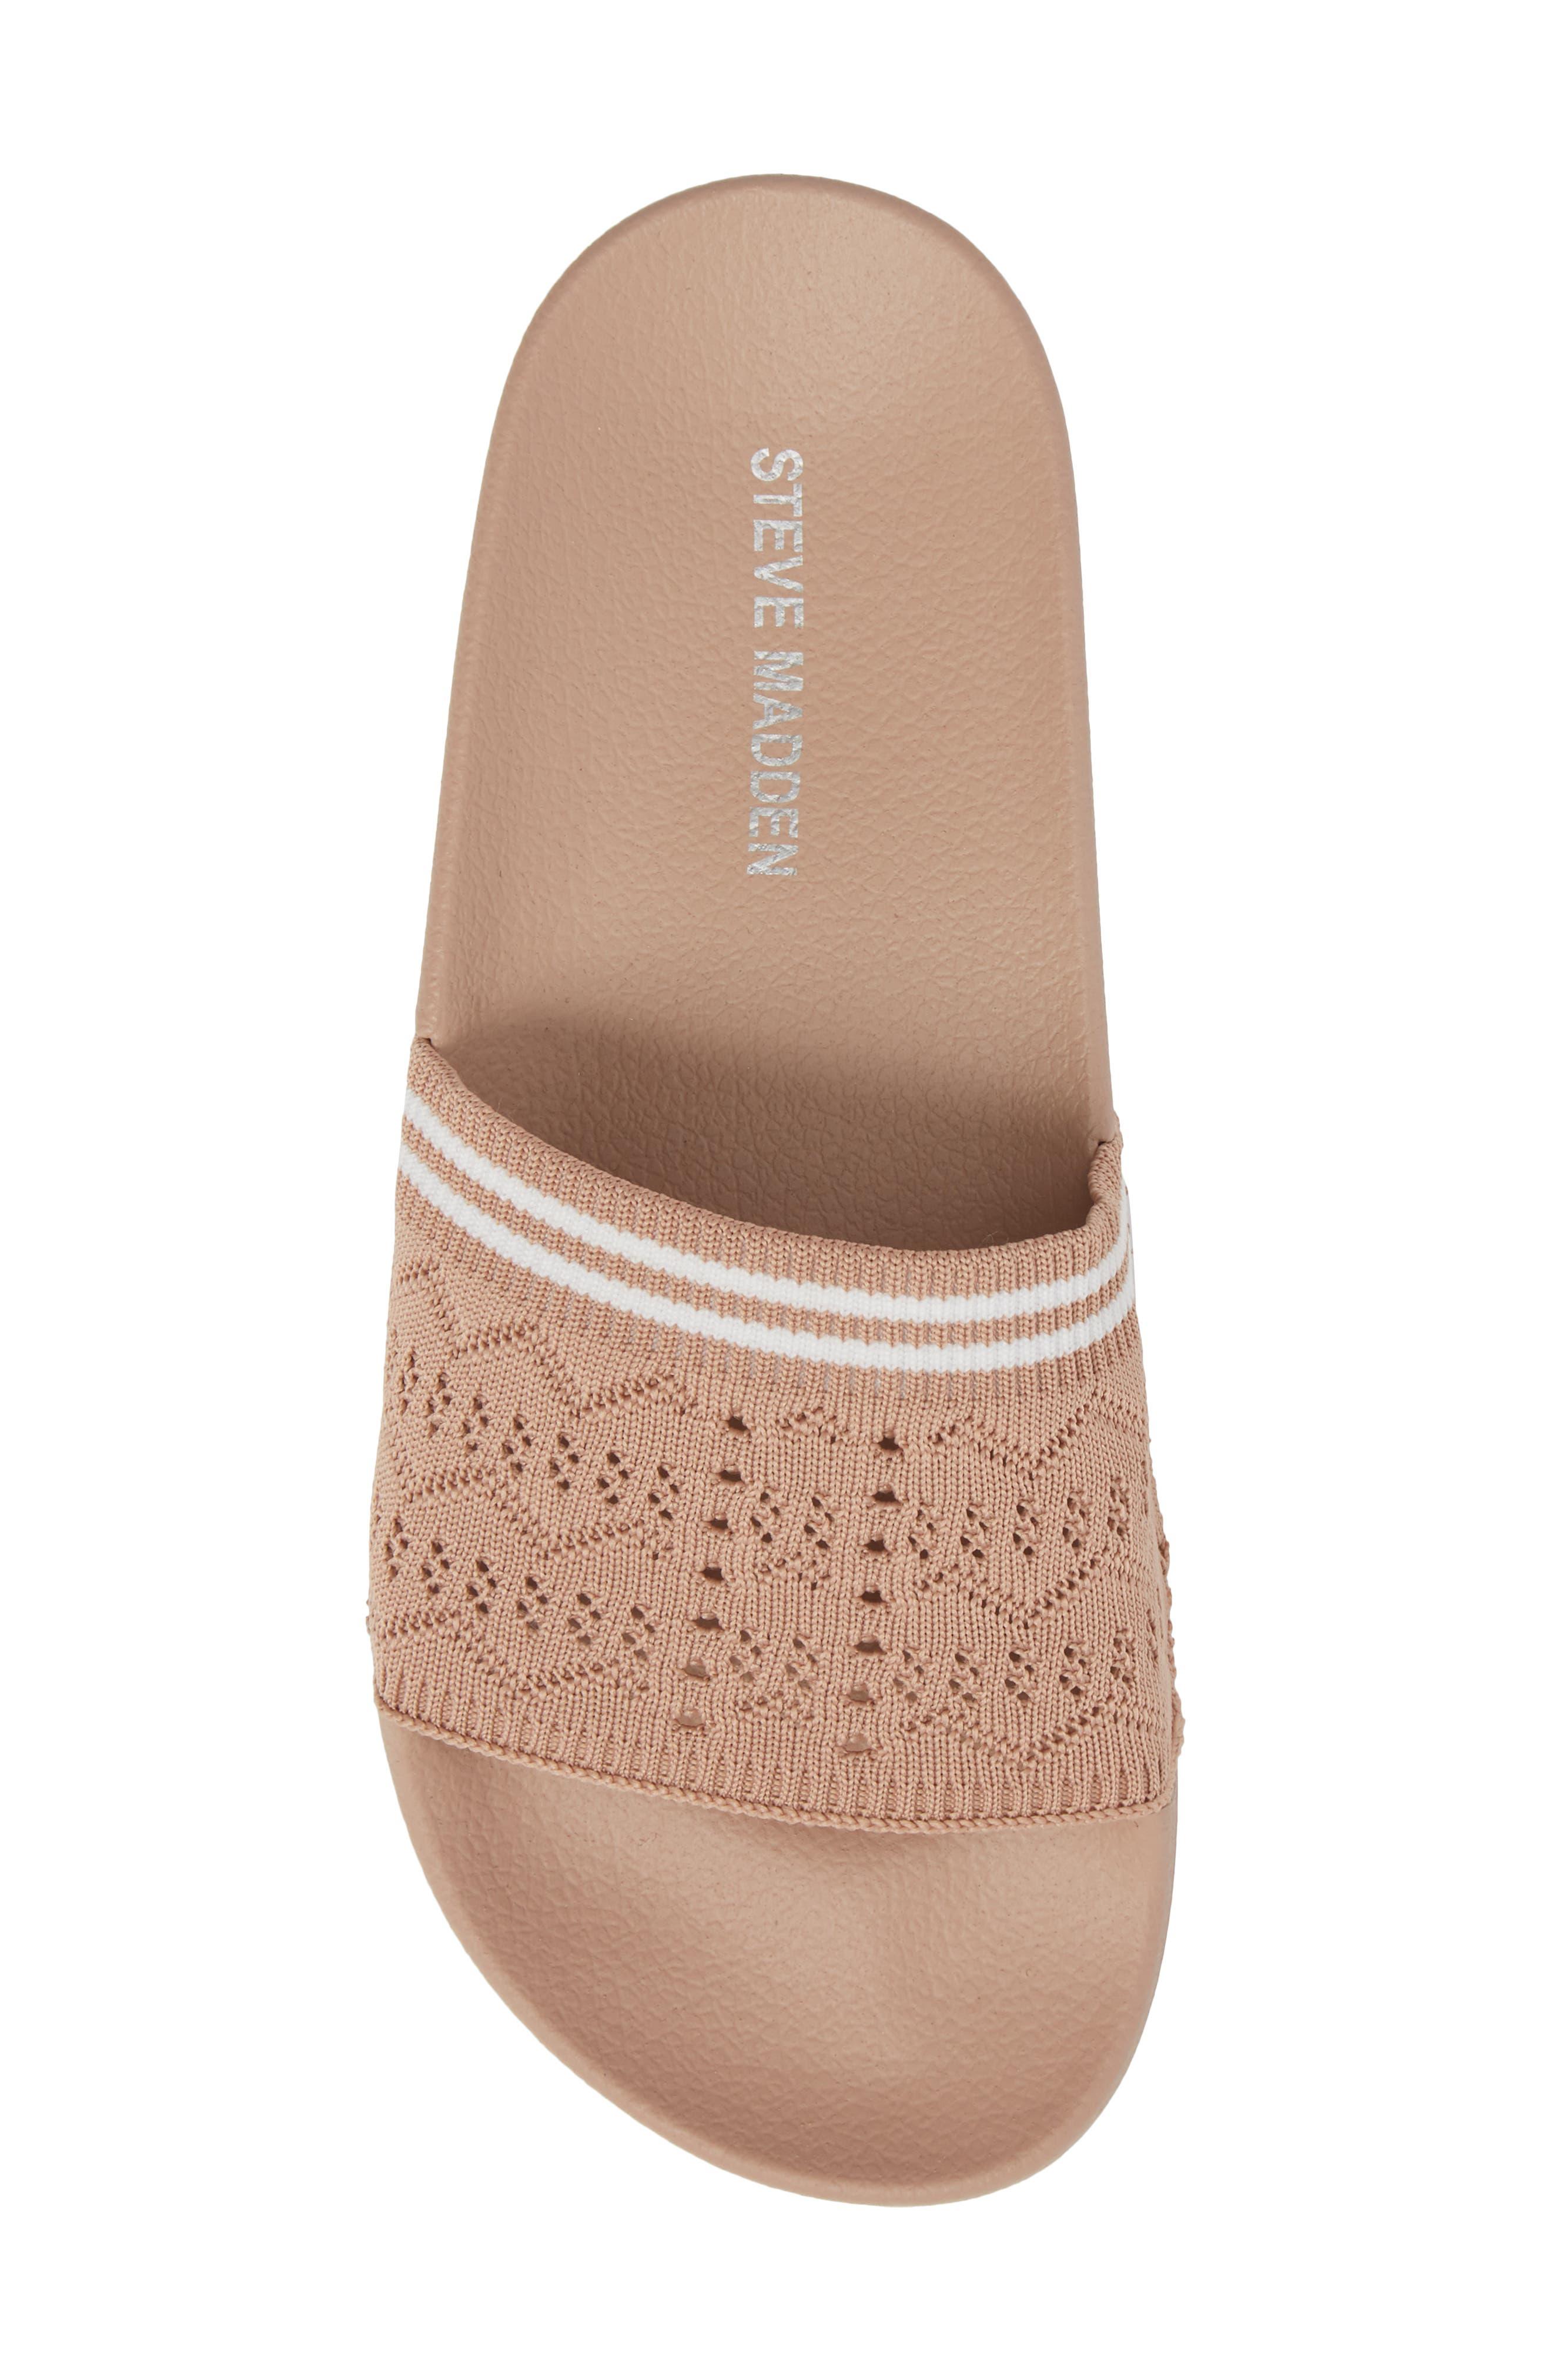 Vibe Sock Knit Slide Sandal,                             Alternate thumbnail 5, color,                             Blush